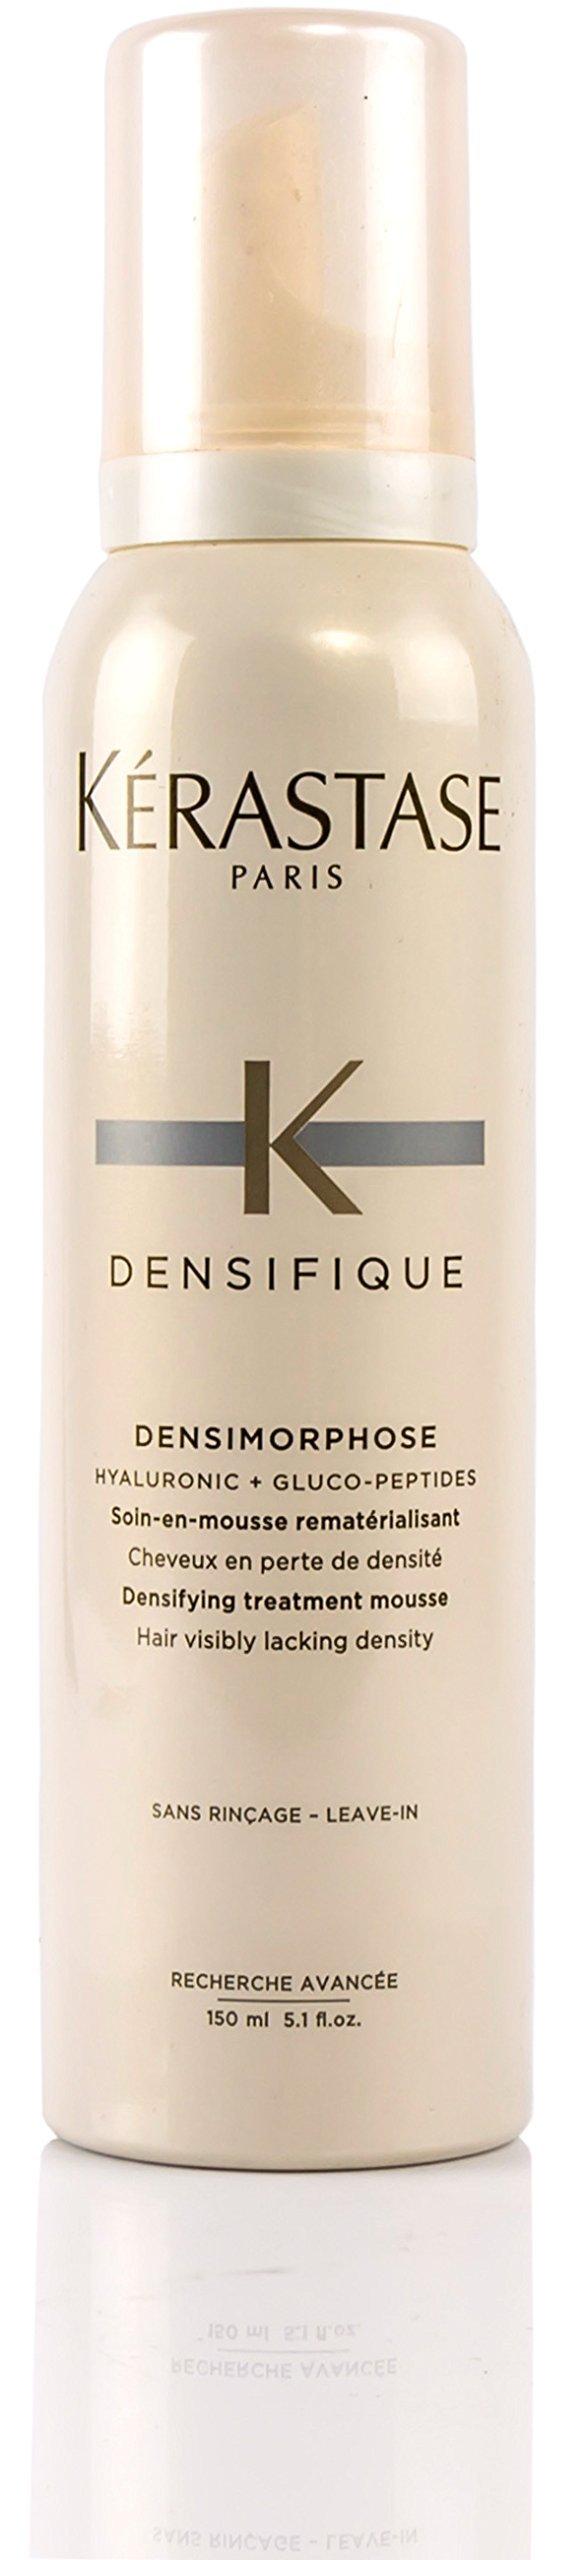 KERASTASE Densifique Mousse, 5.0 Fluid Ounce by KERASTASE